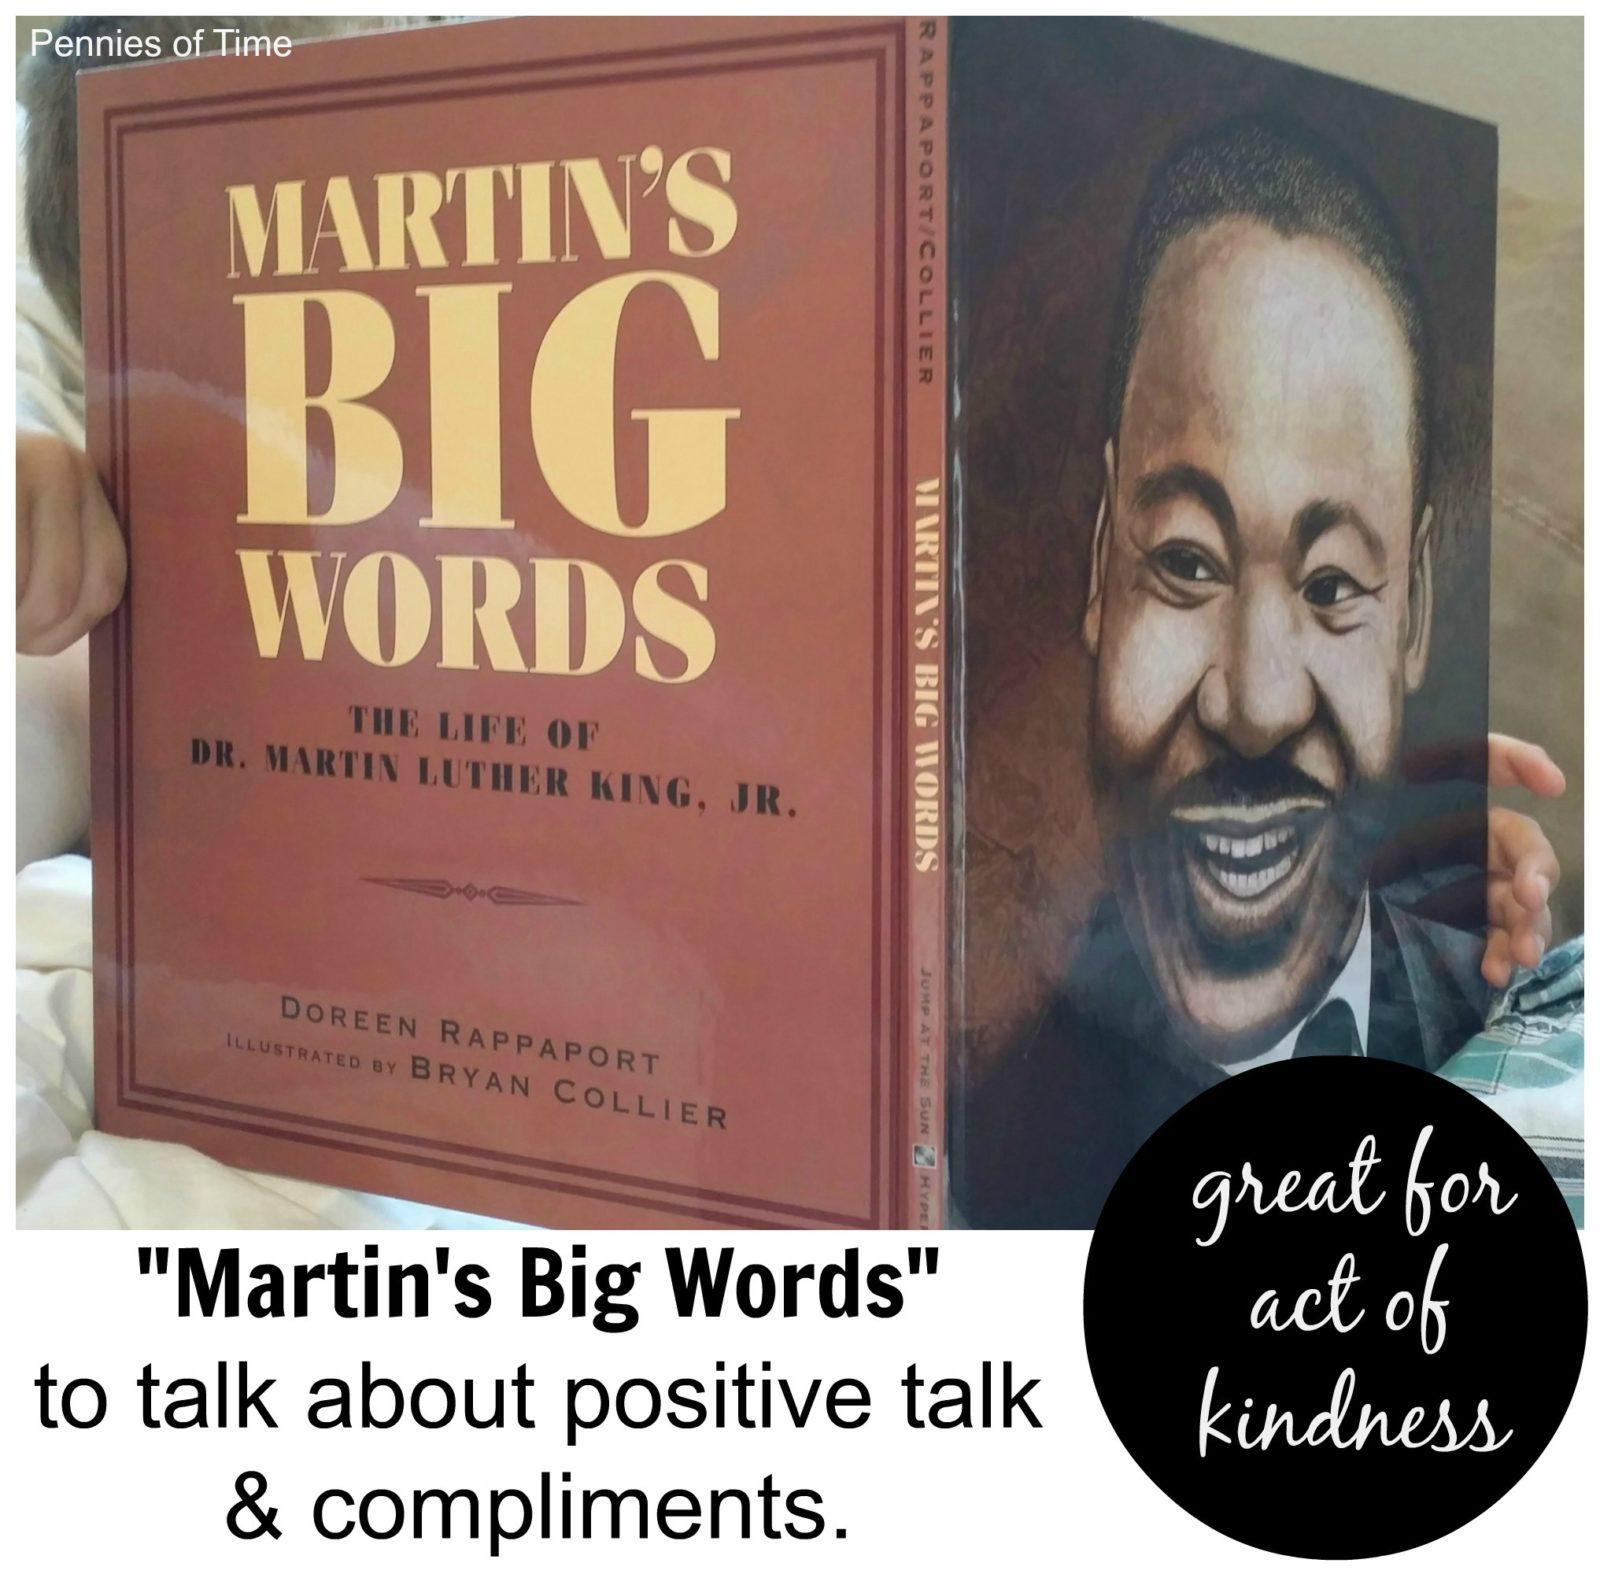 MARTINS BIG WORDS EPUB